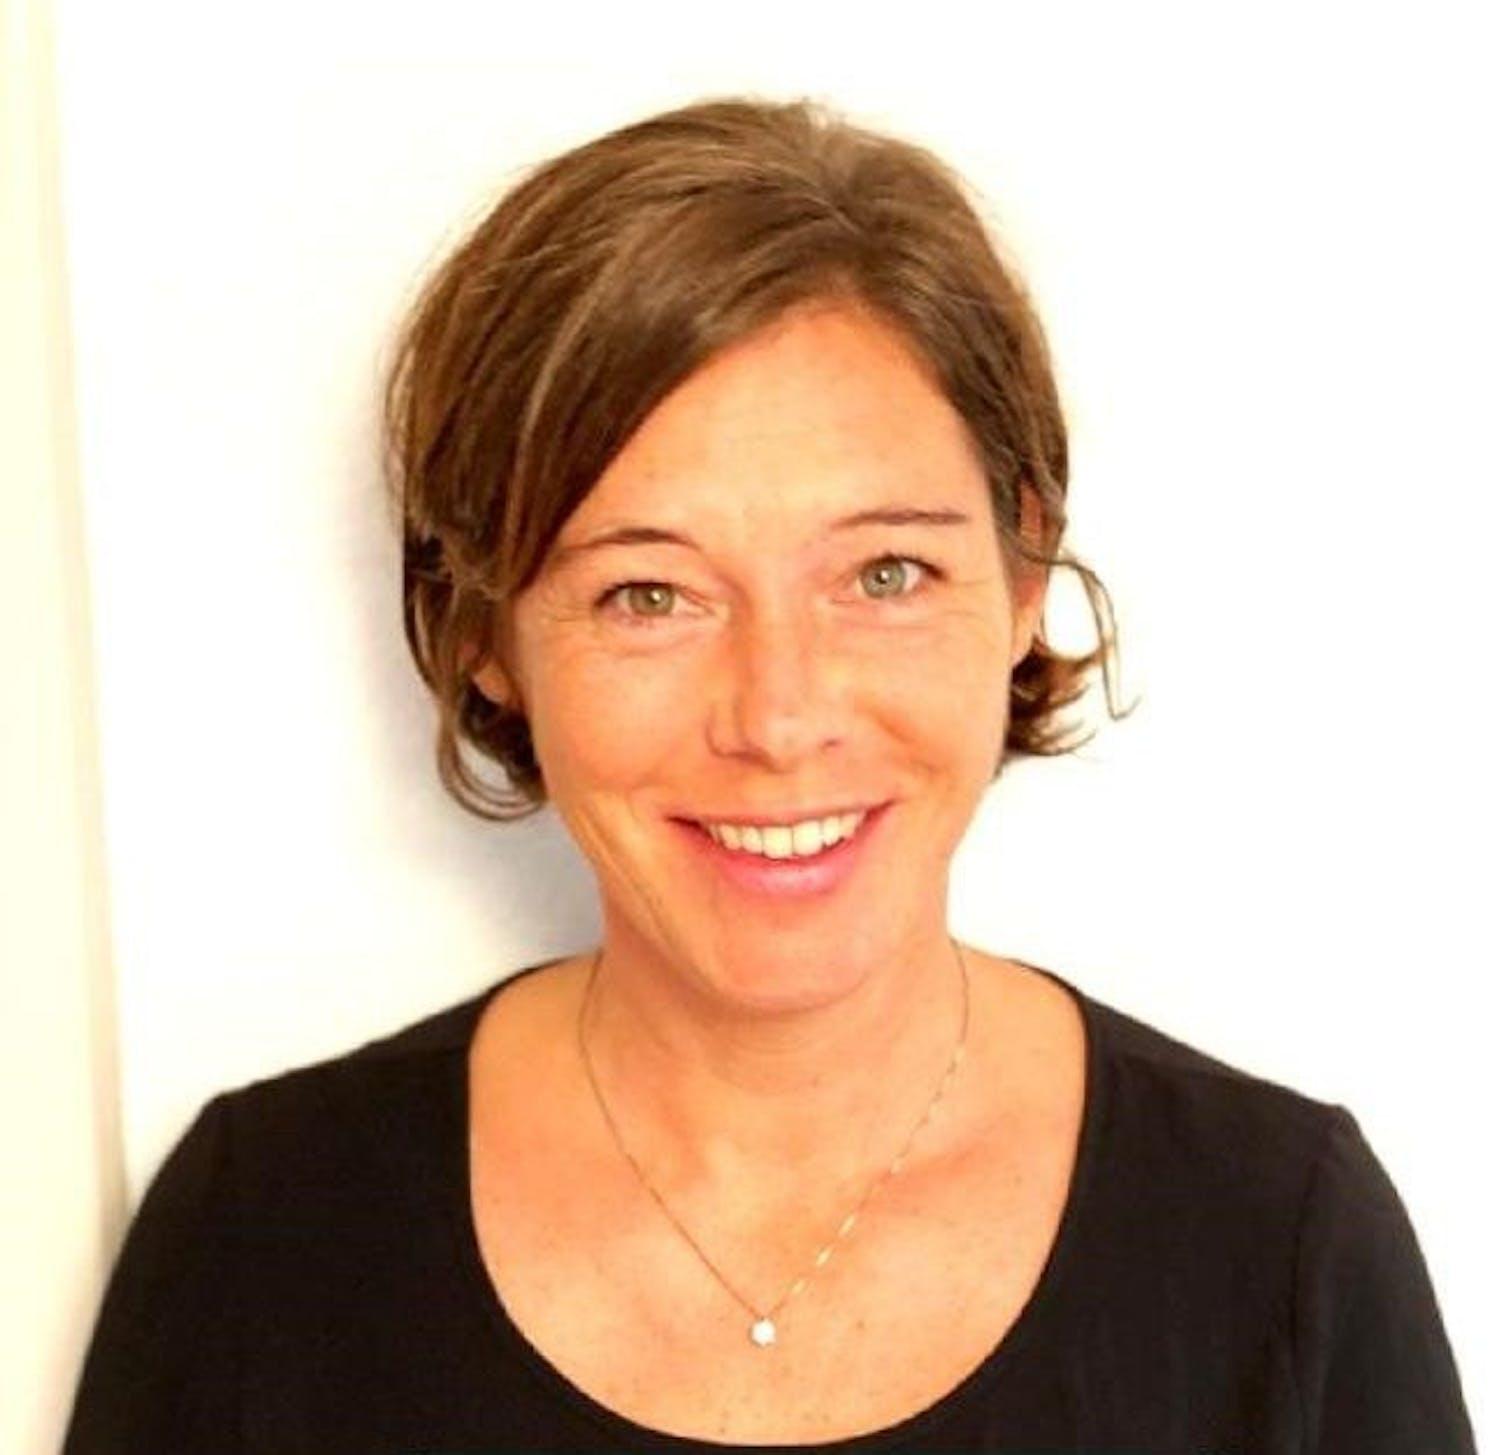 Brigitte Pallmann